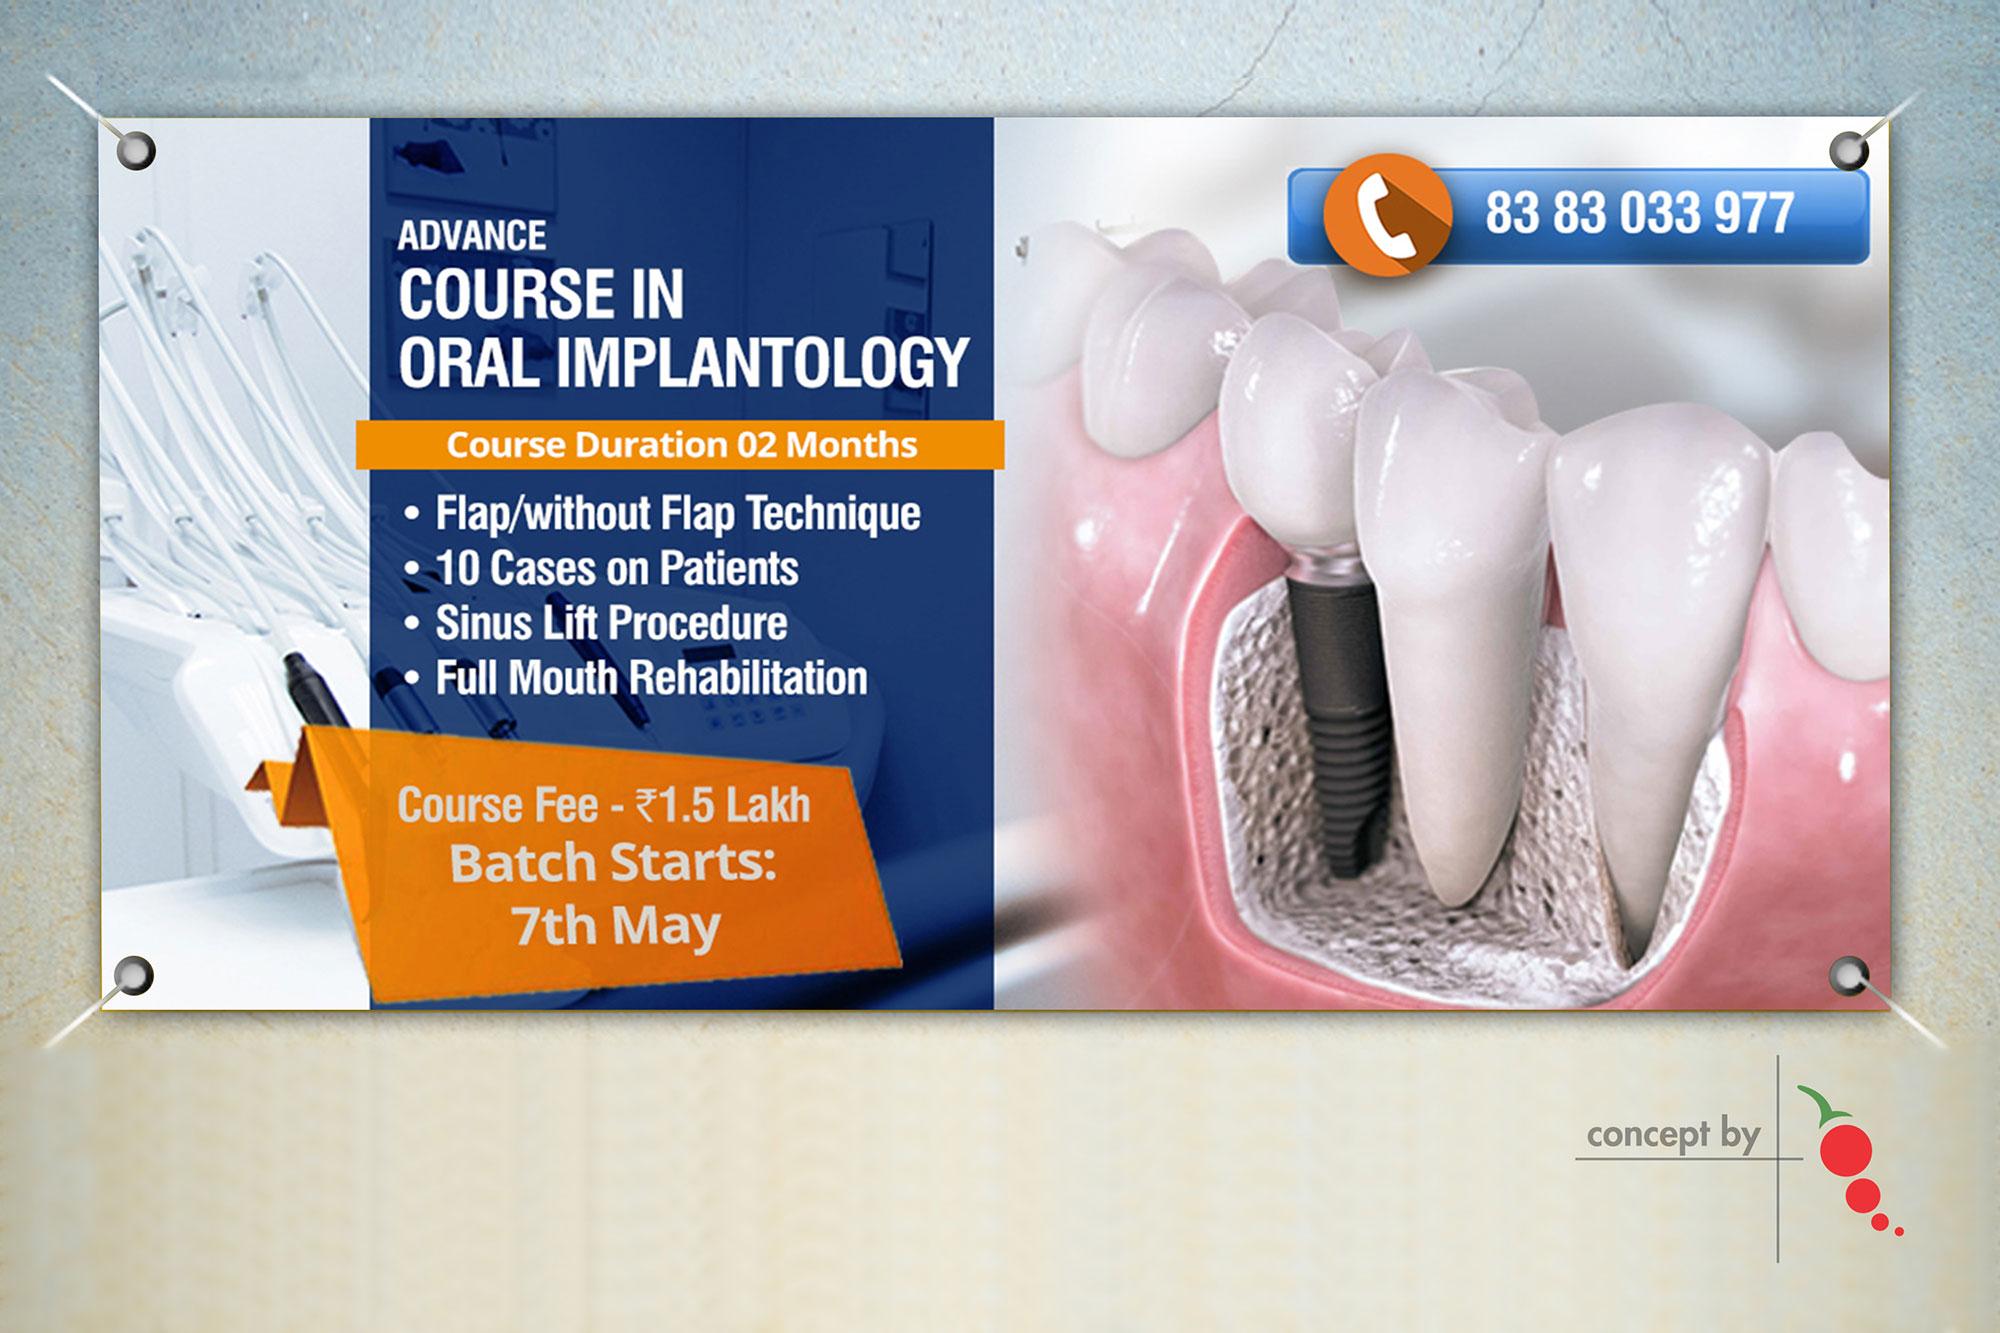 Gulab Dental